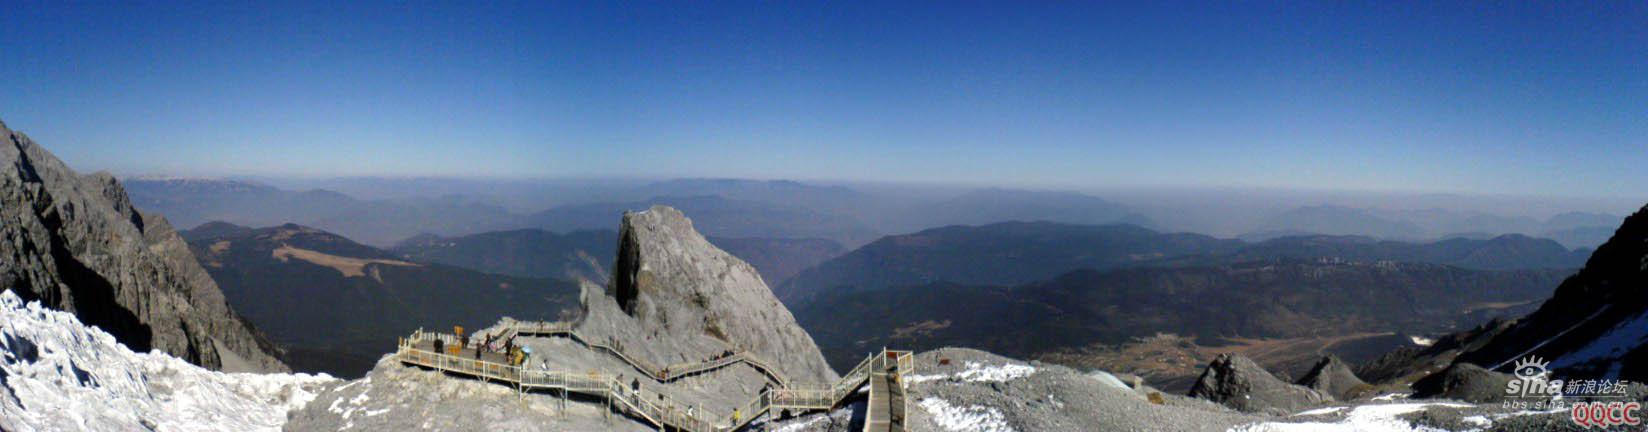 圖片:麗江玉龍雪山頂遠眺全景圖